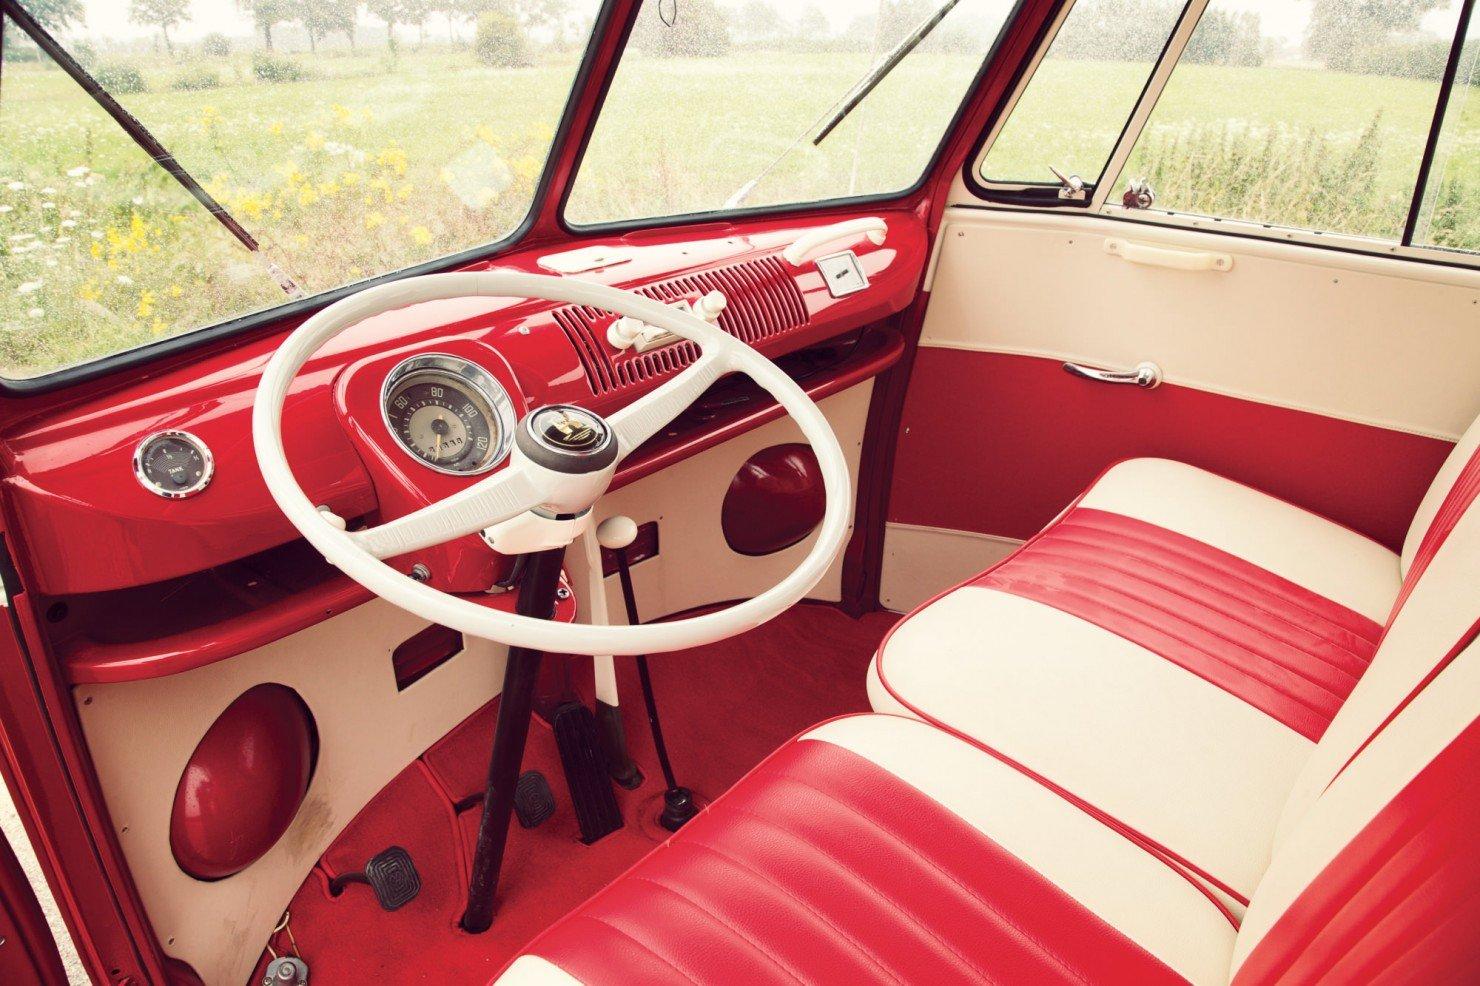 Volkswagen_21-Window_Micro_Bus_4